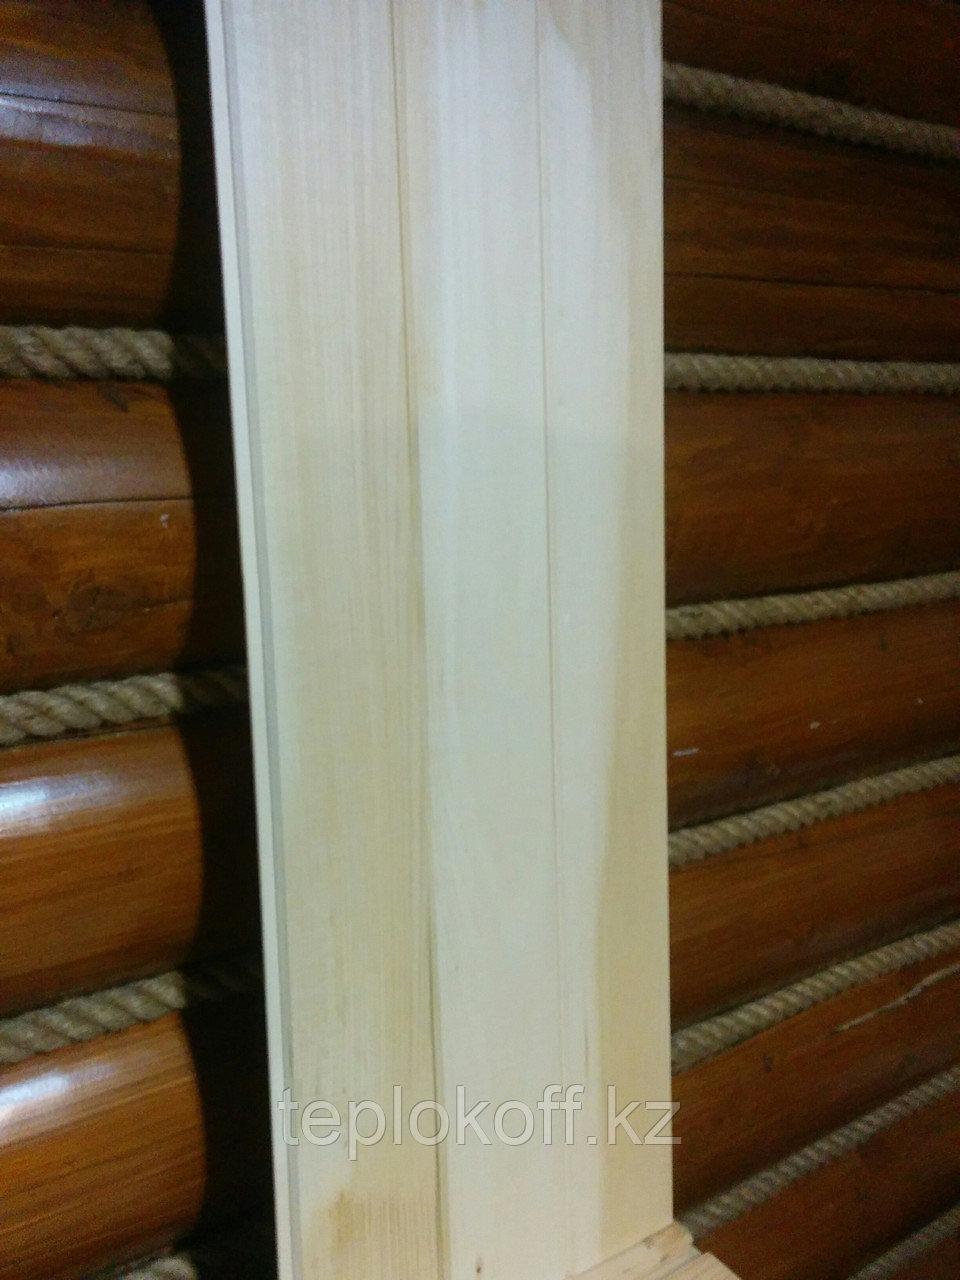 Вагонка липа 15х88 от 0,5 м до 0,8 м Сорт АВ